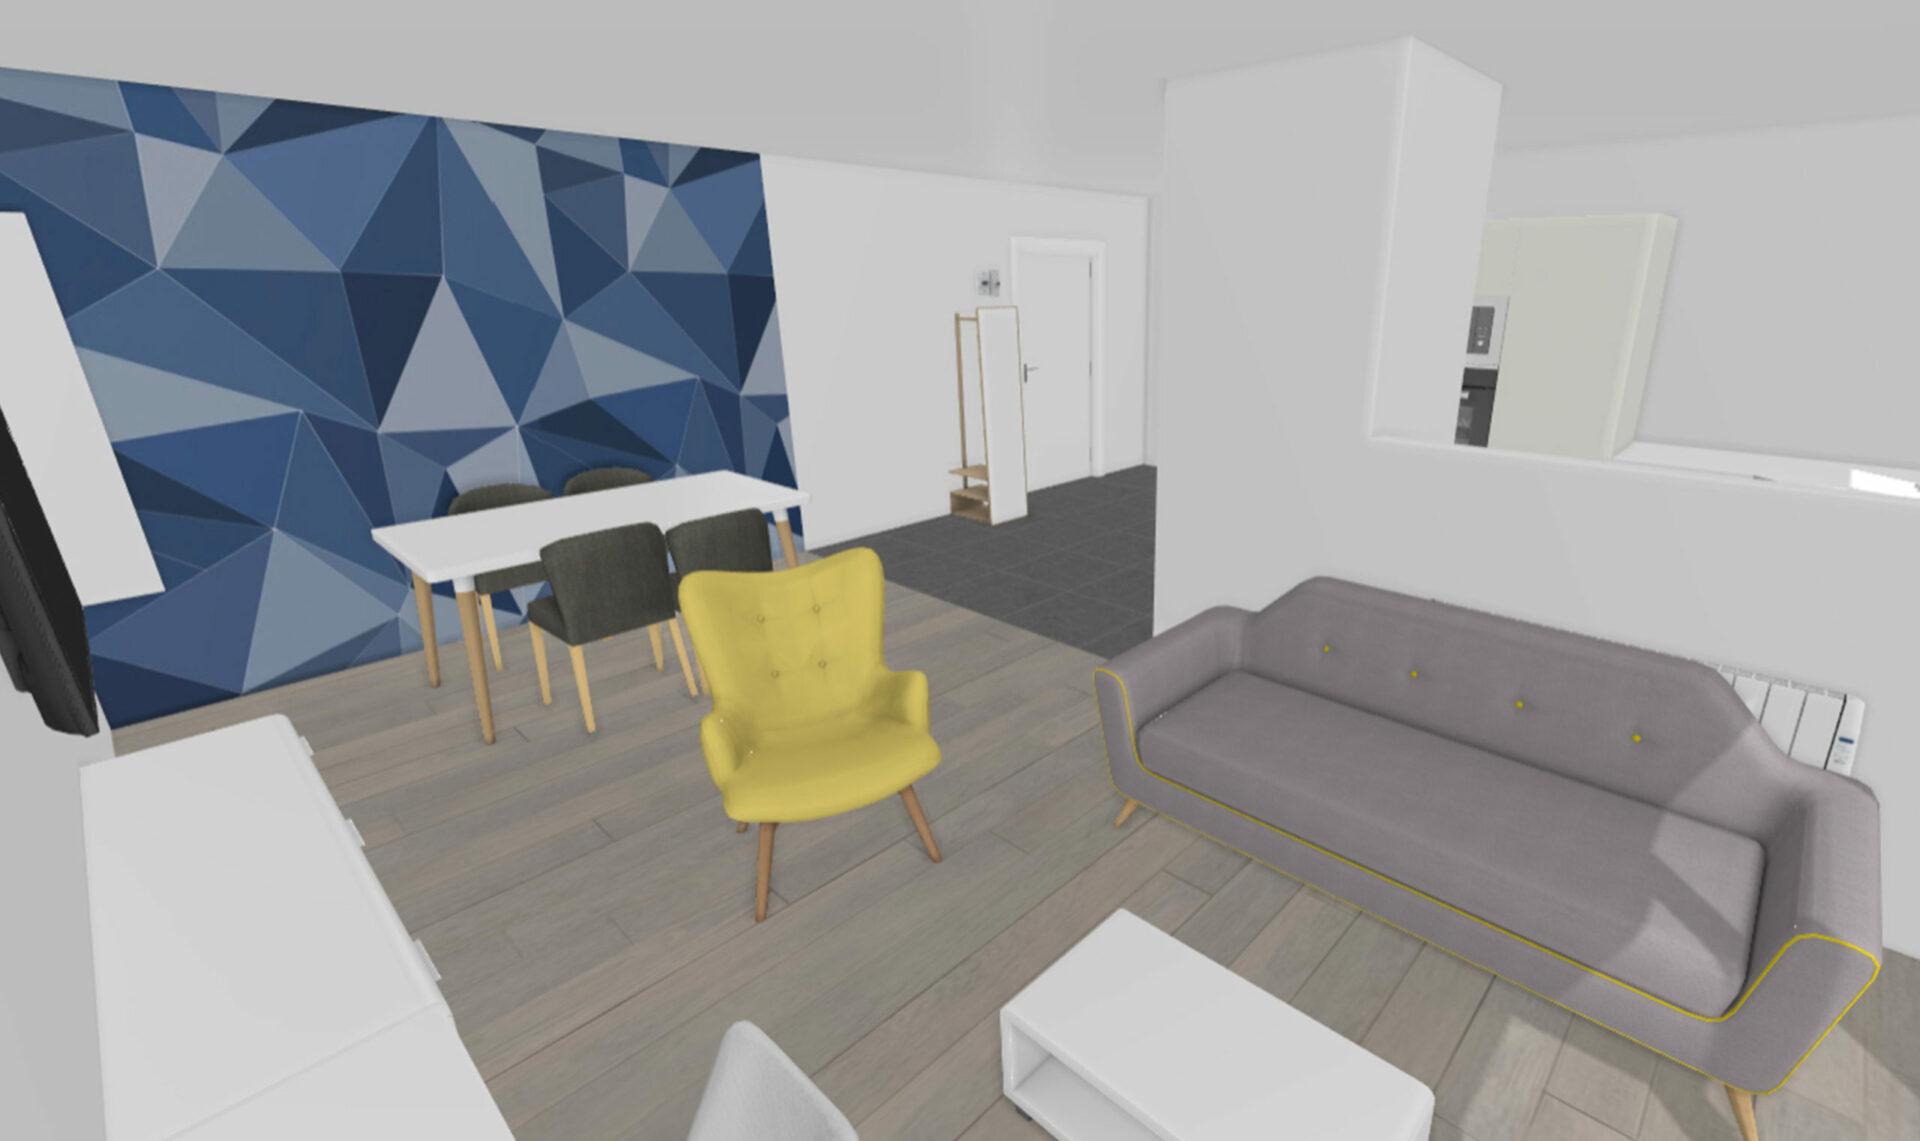 Décoratrice d'intérieur à Lyon - Appartement lyonnais graphique - Vue générale